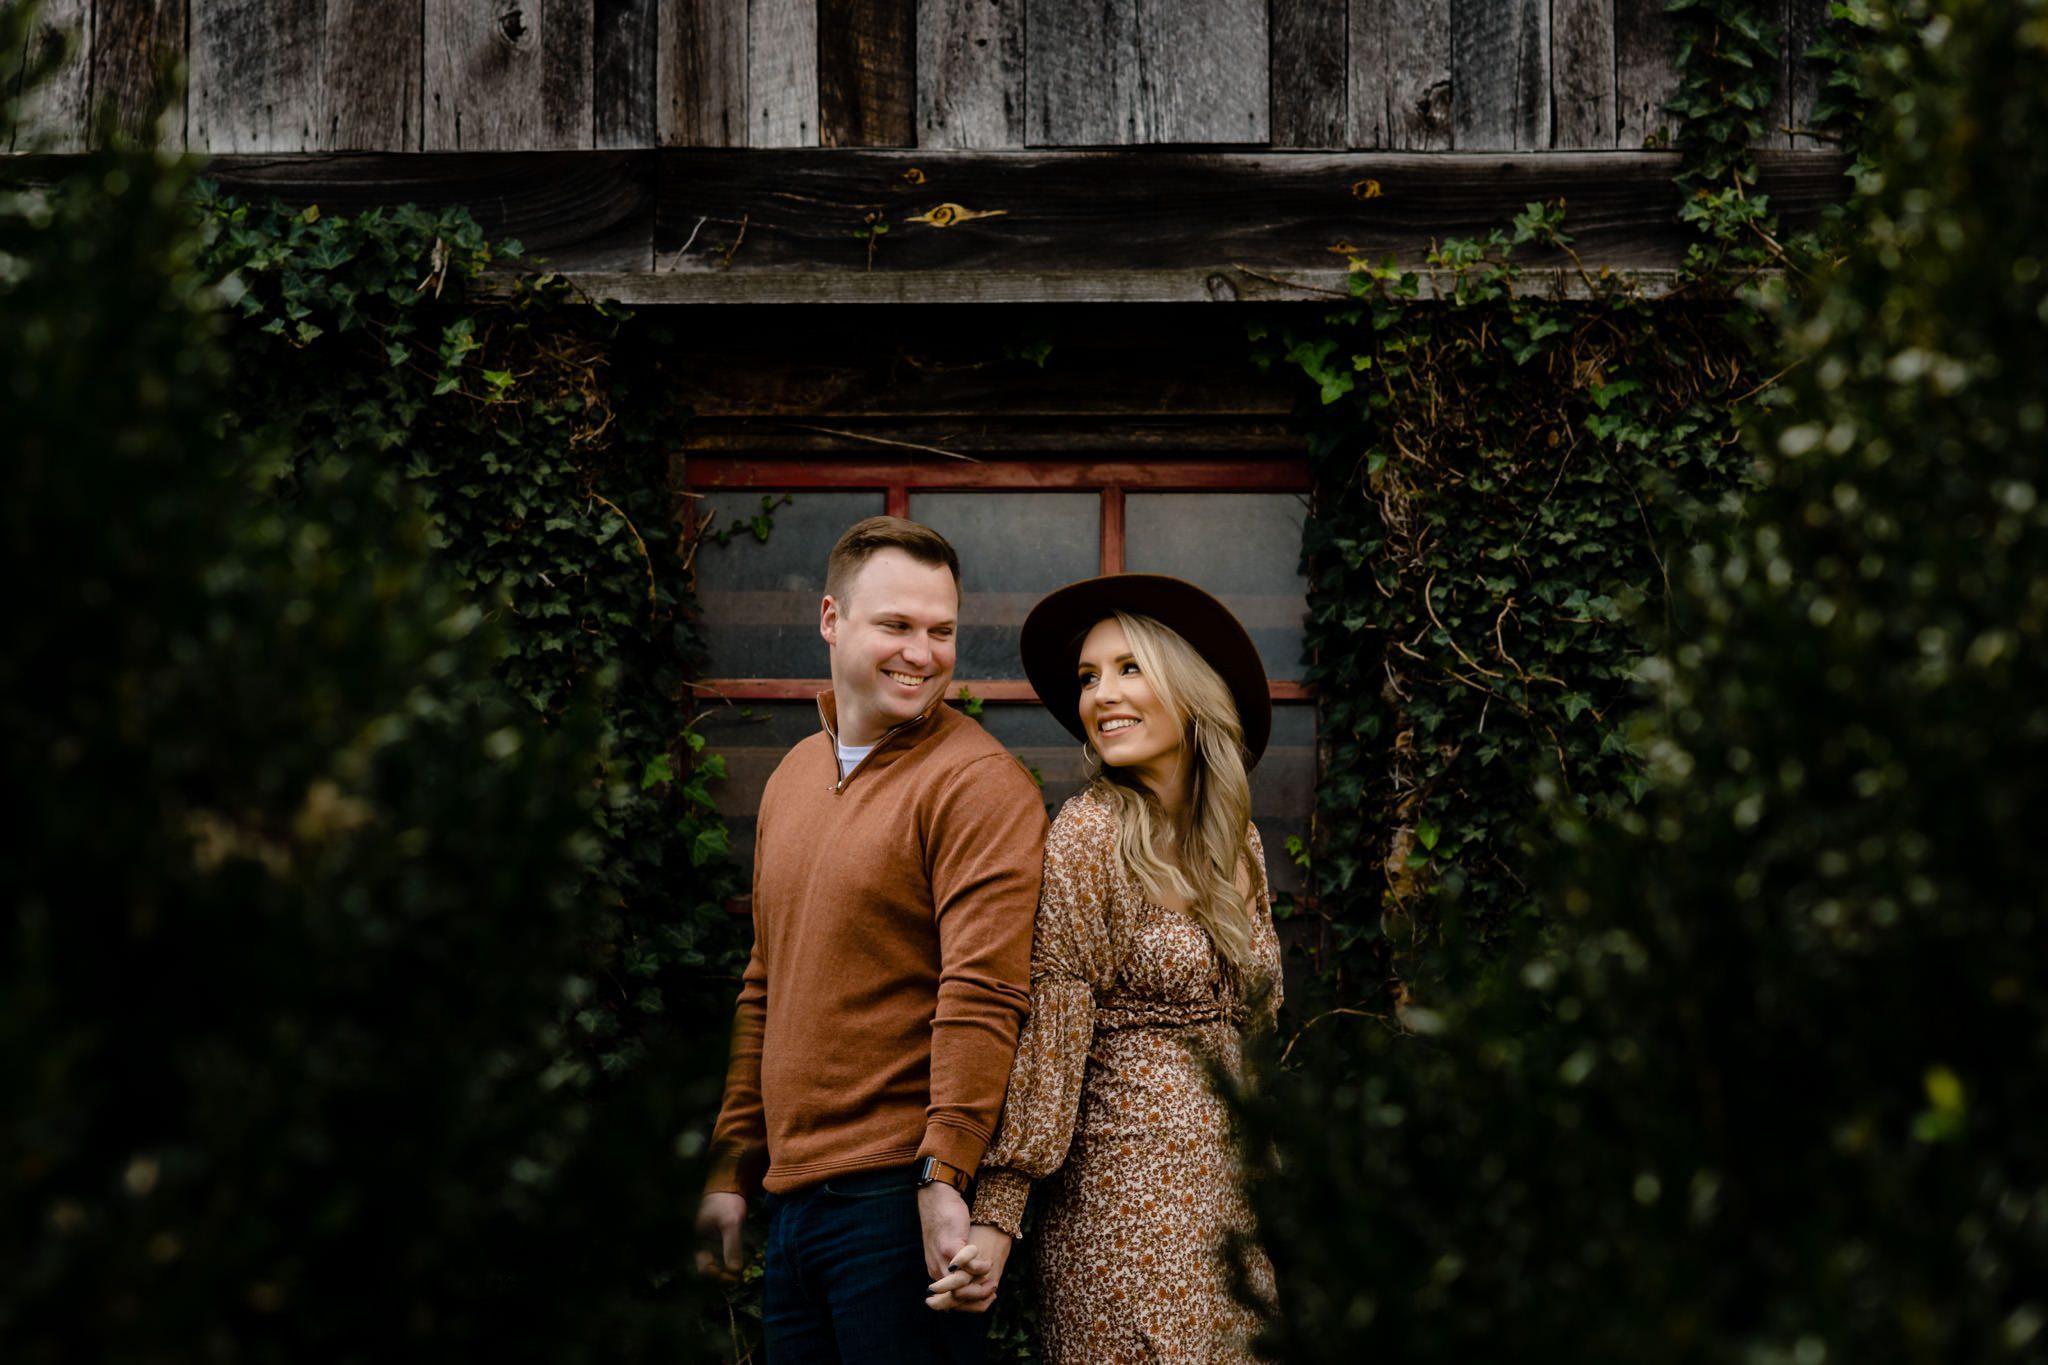 engagement photos at vineyards at Betty creek